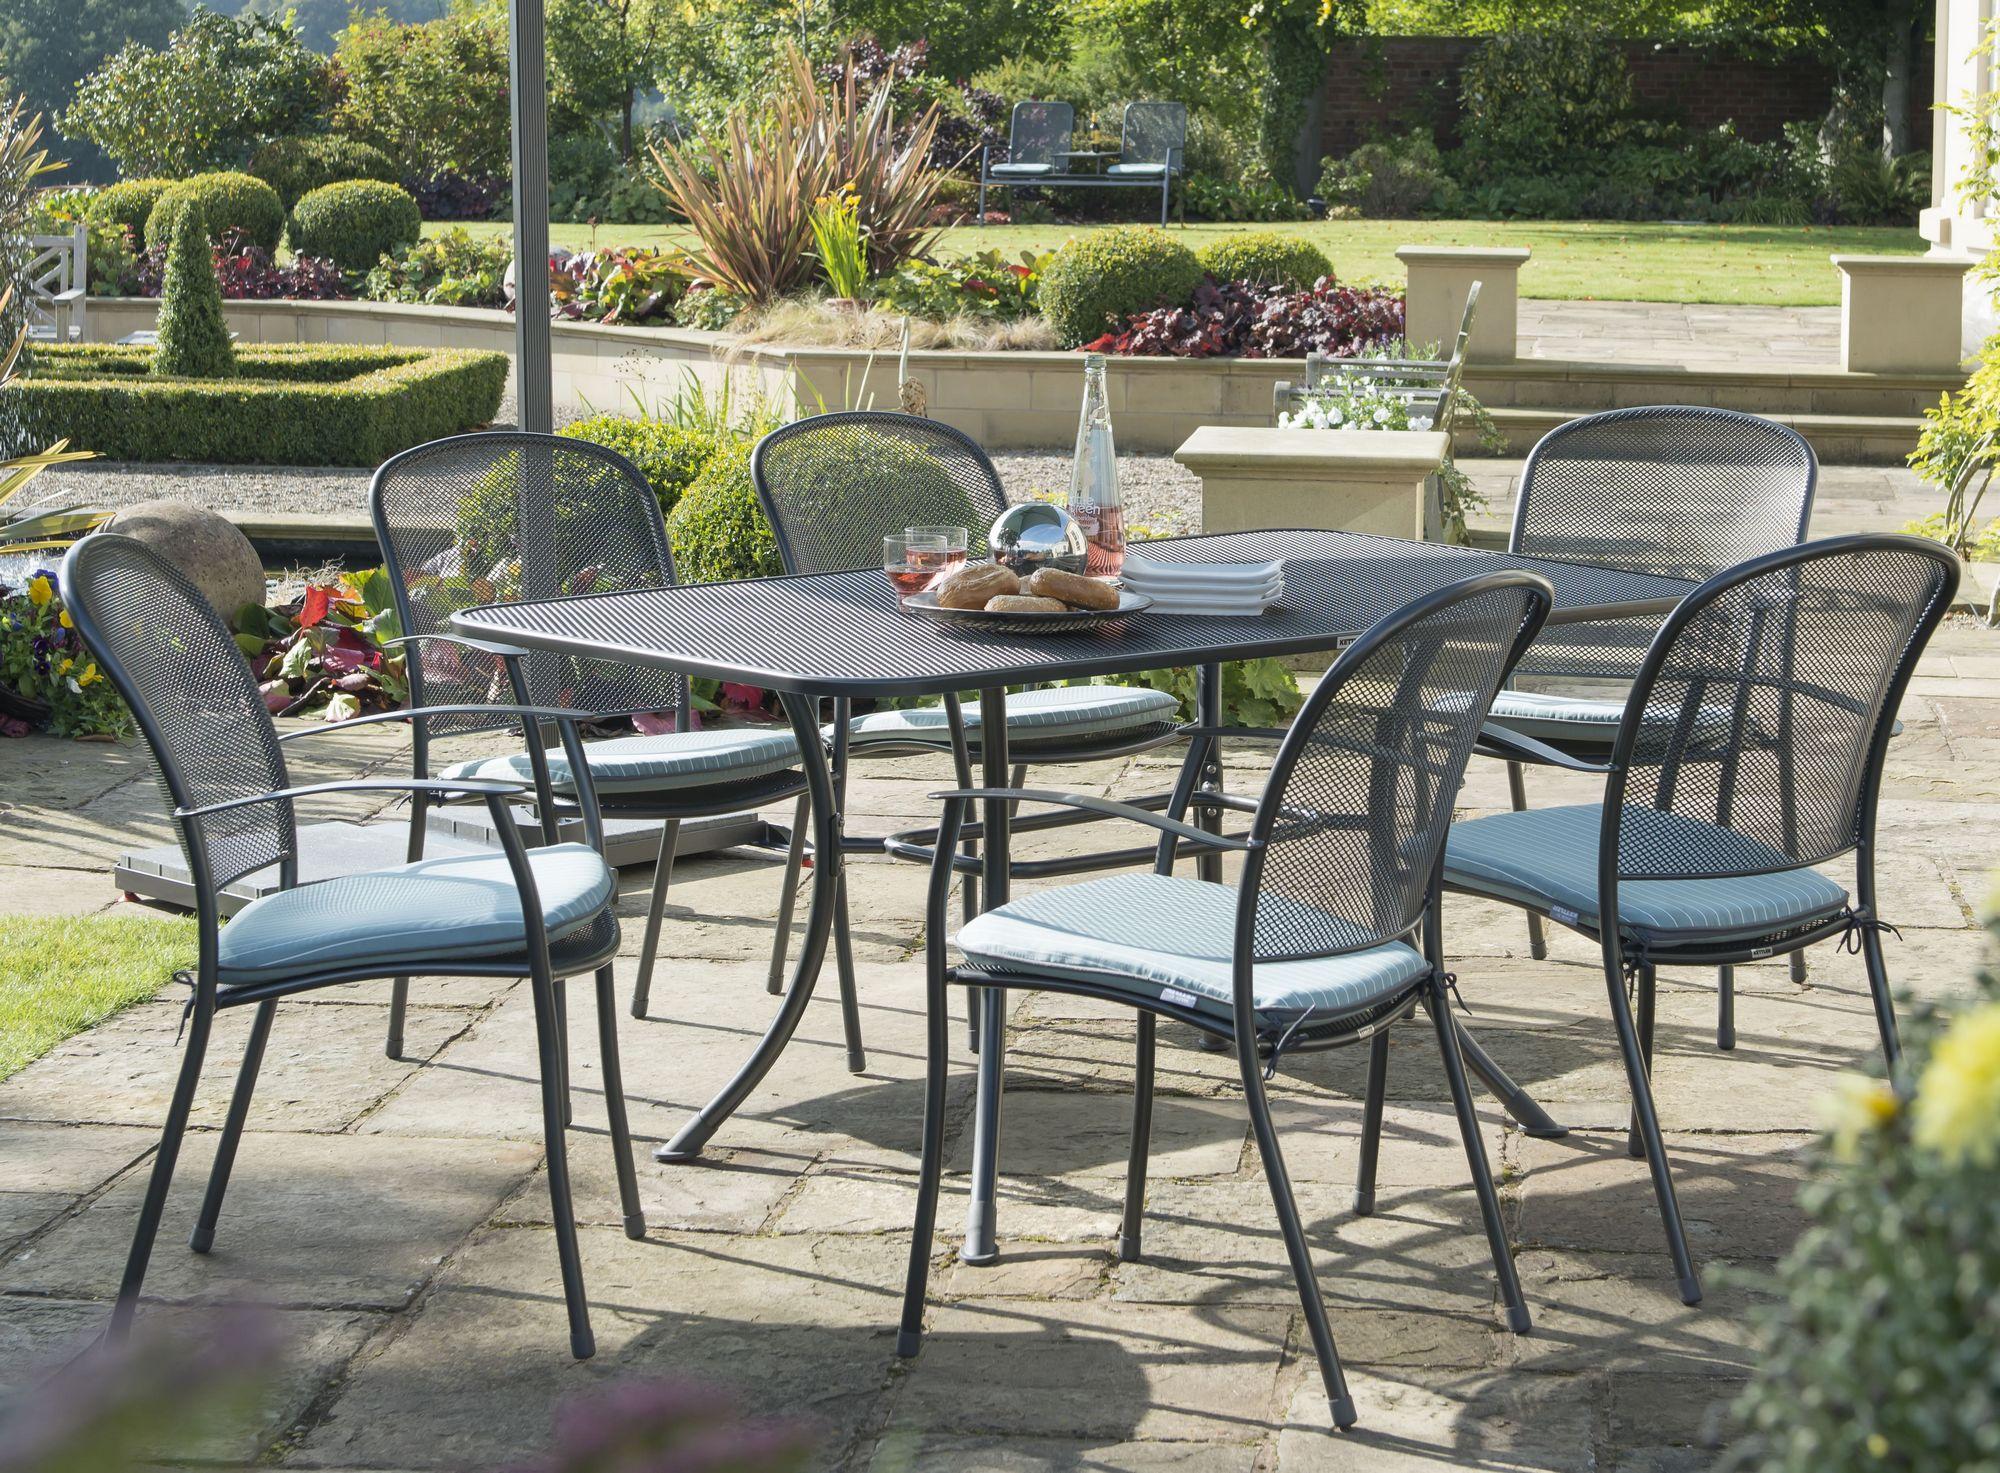 kettler kettler offers beautiful contemporary garden furniture - Garden Furniture Kettler